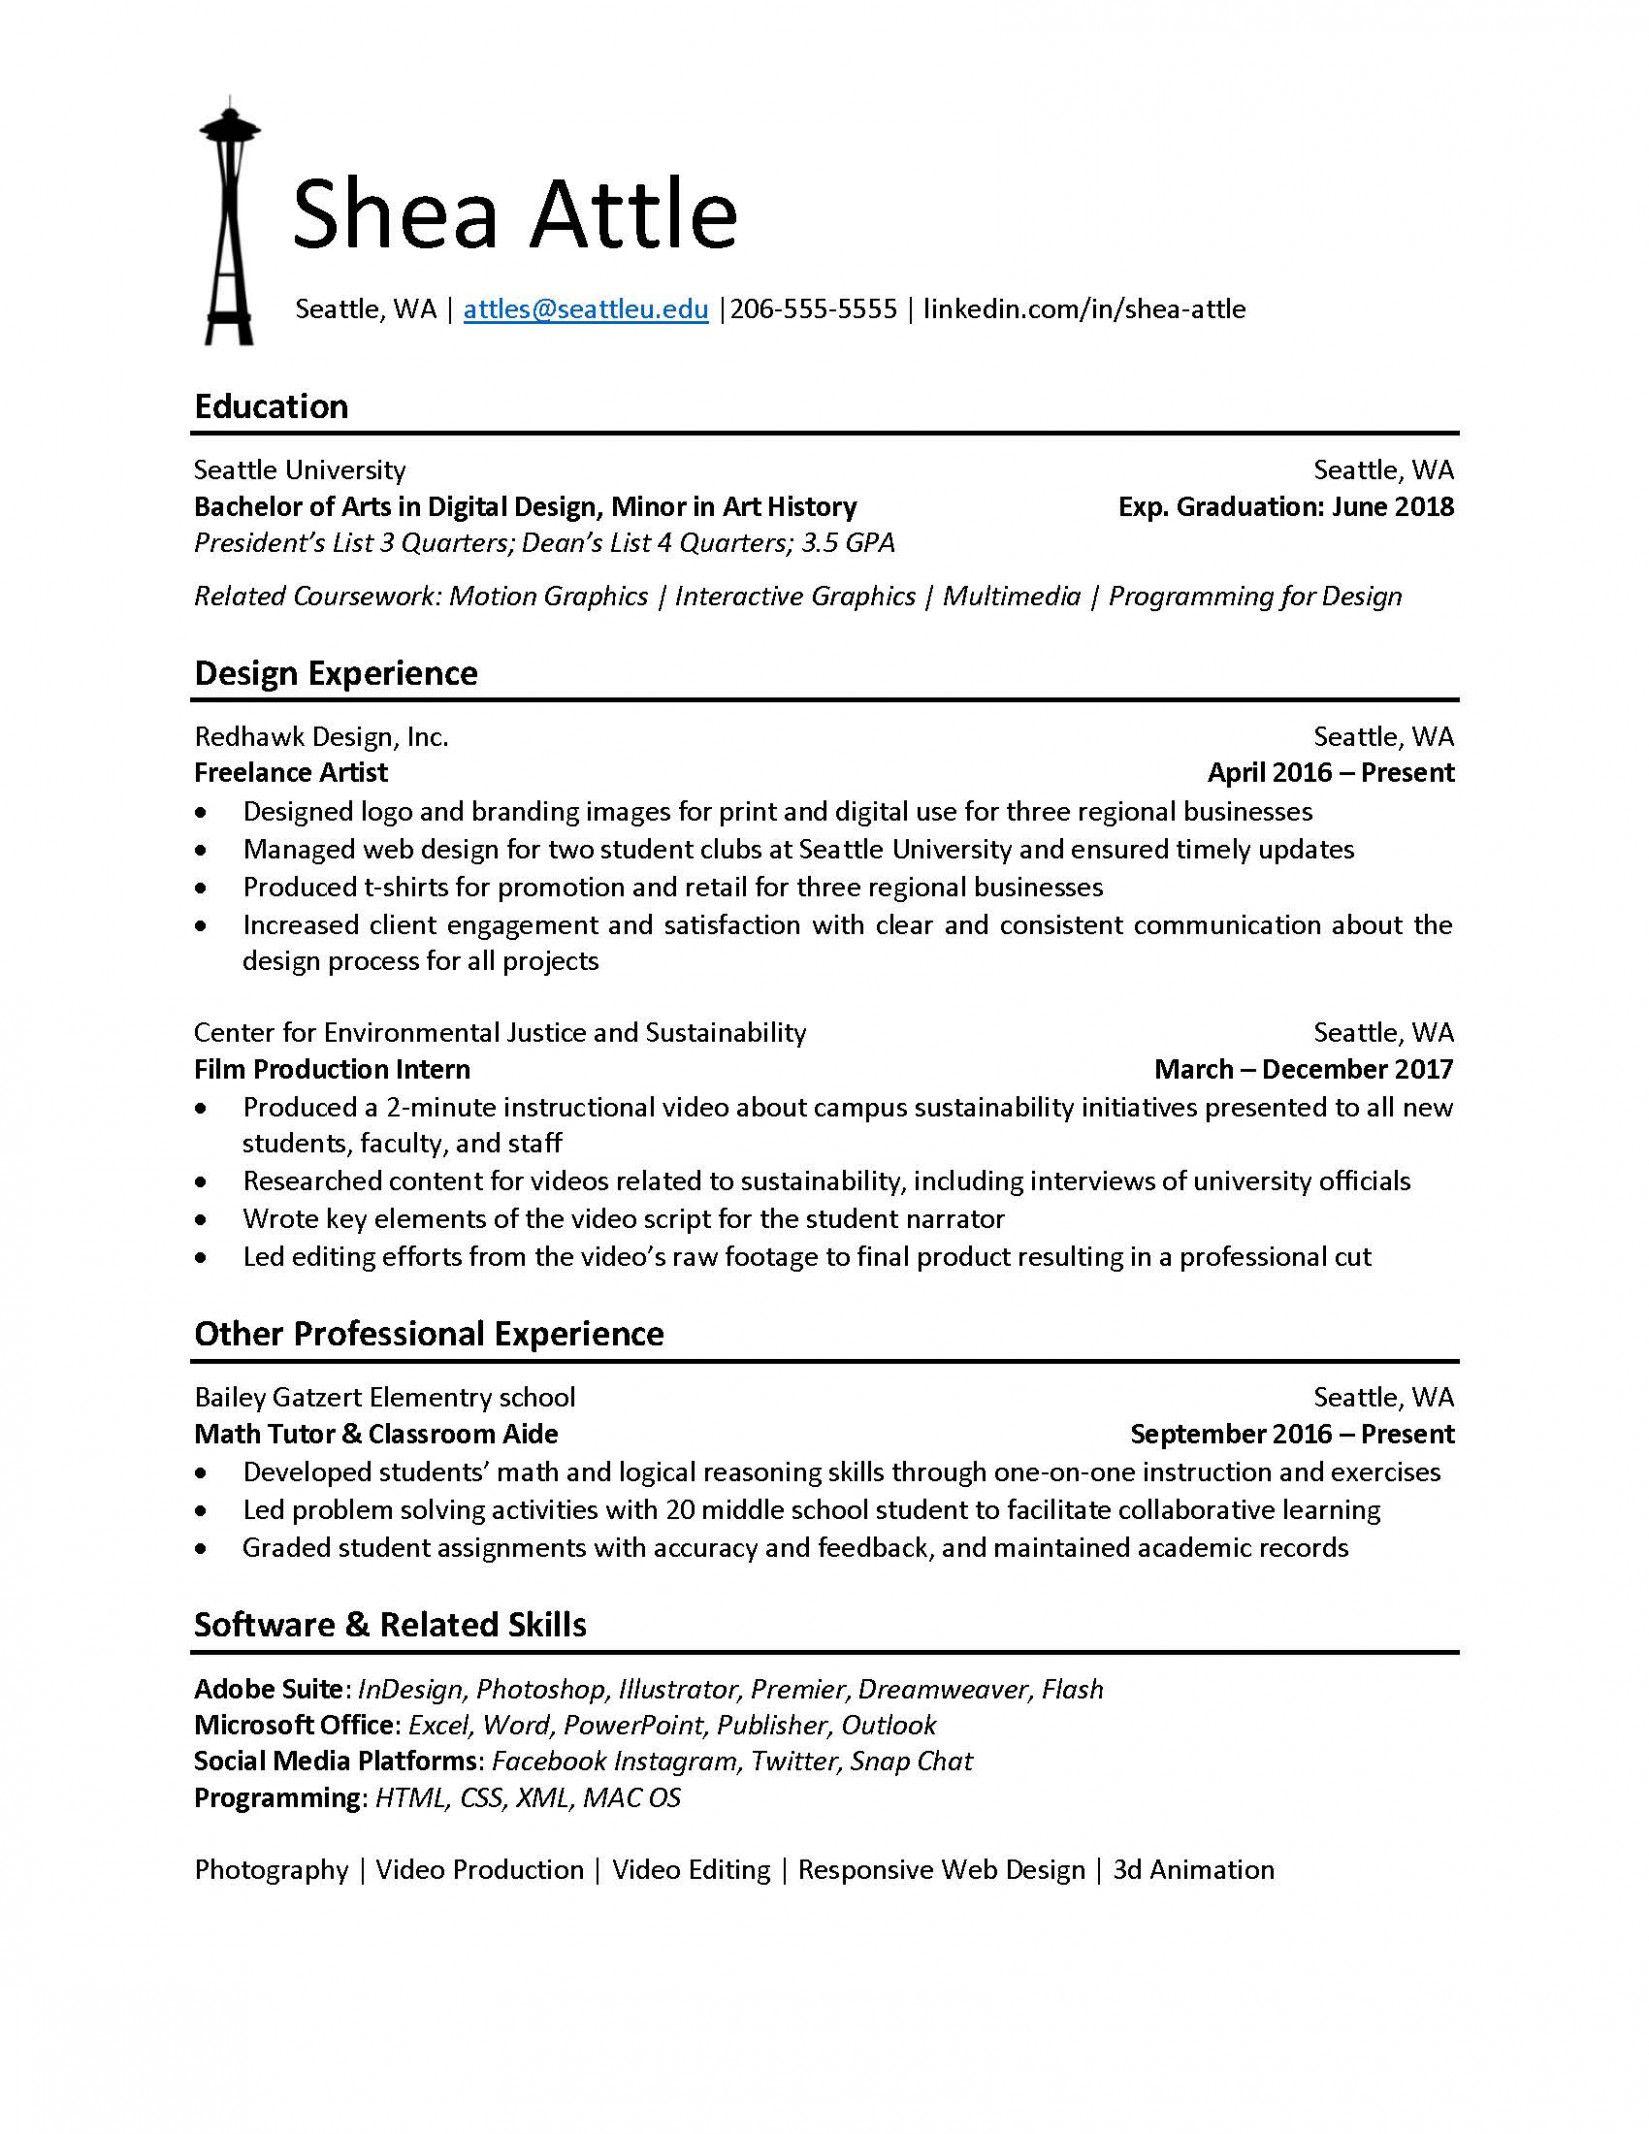 14 Kinesiology Pupil Resume 14 Kinesiology Student Resume